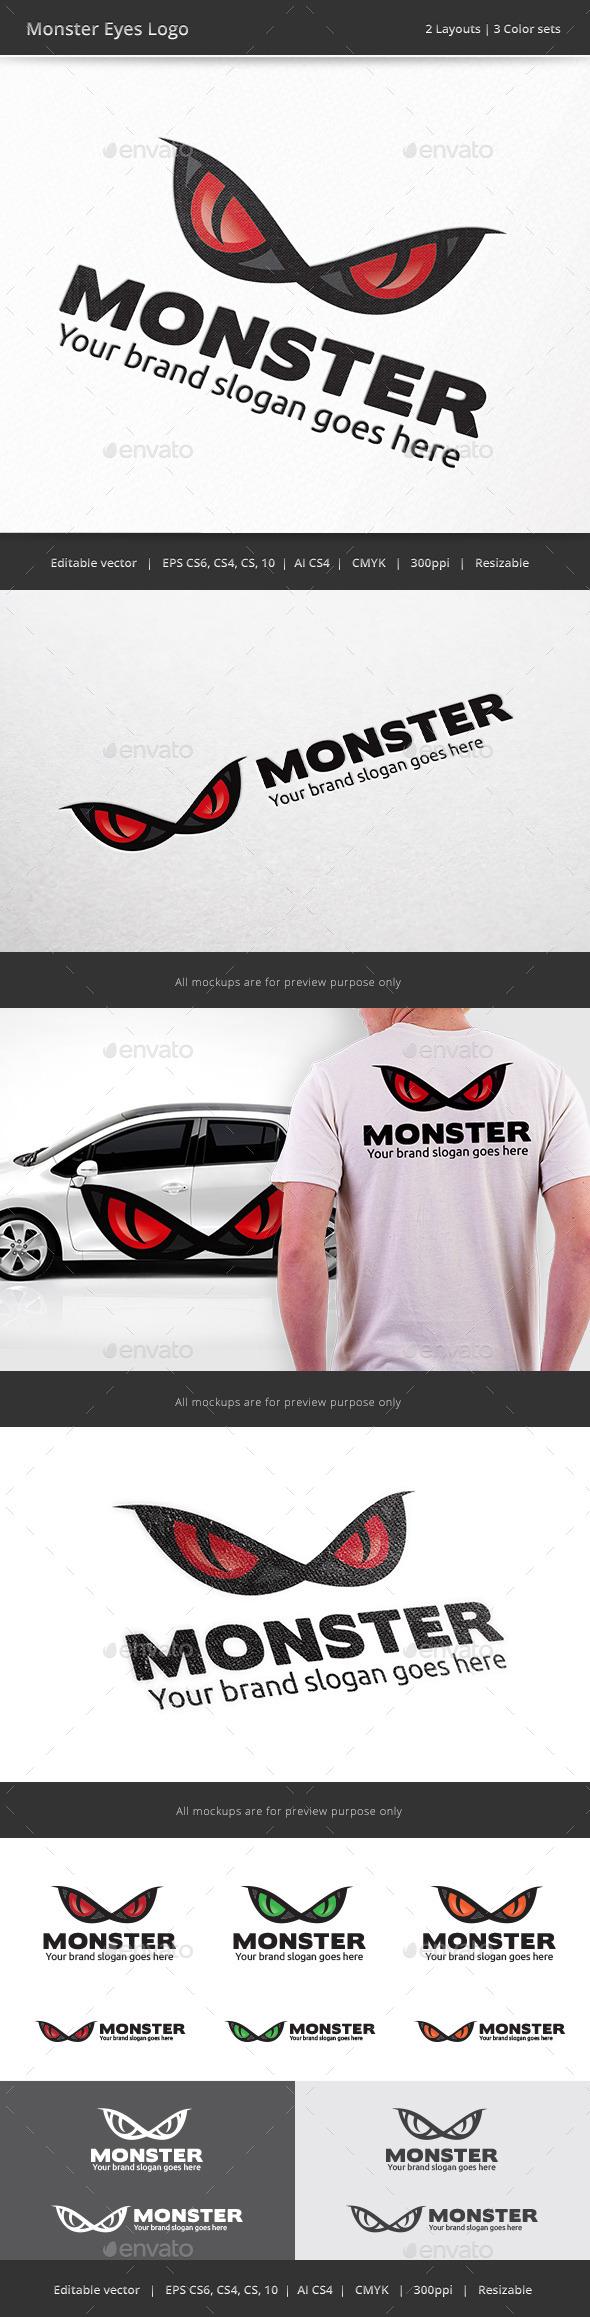 Monster Eyes Logo